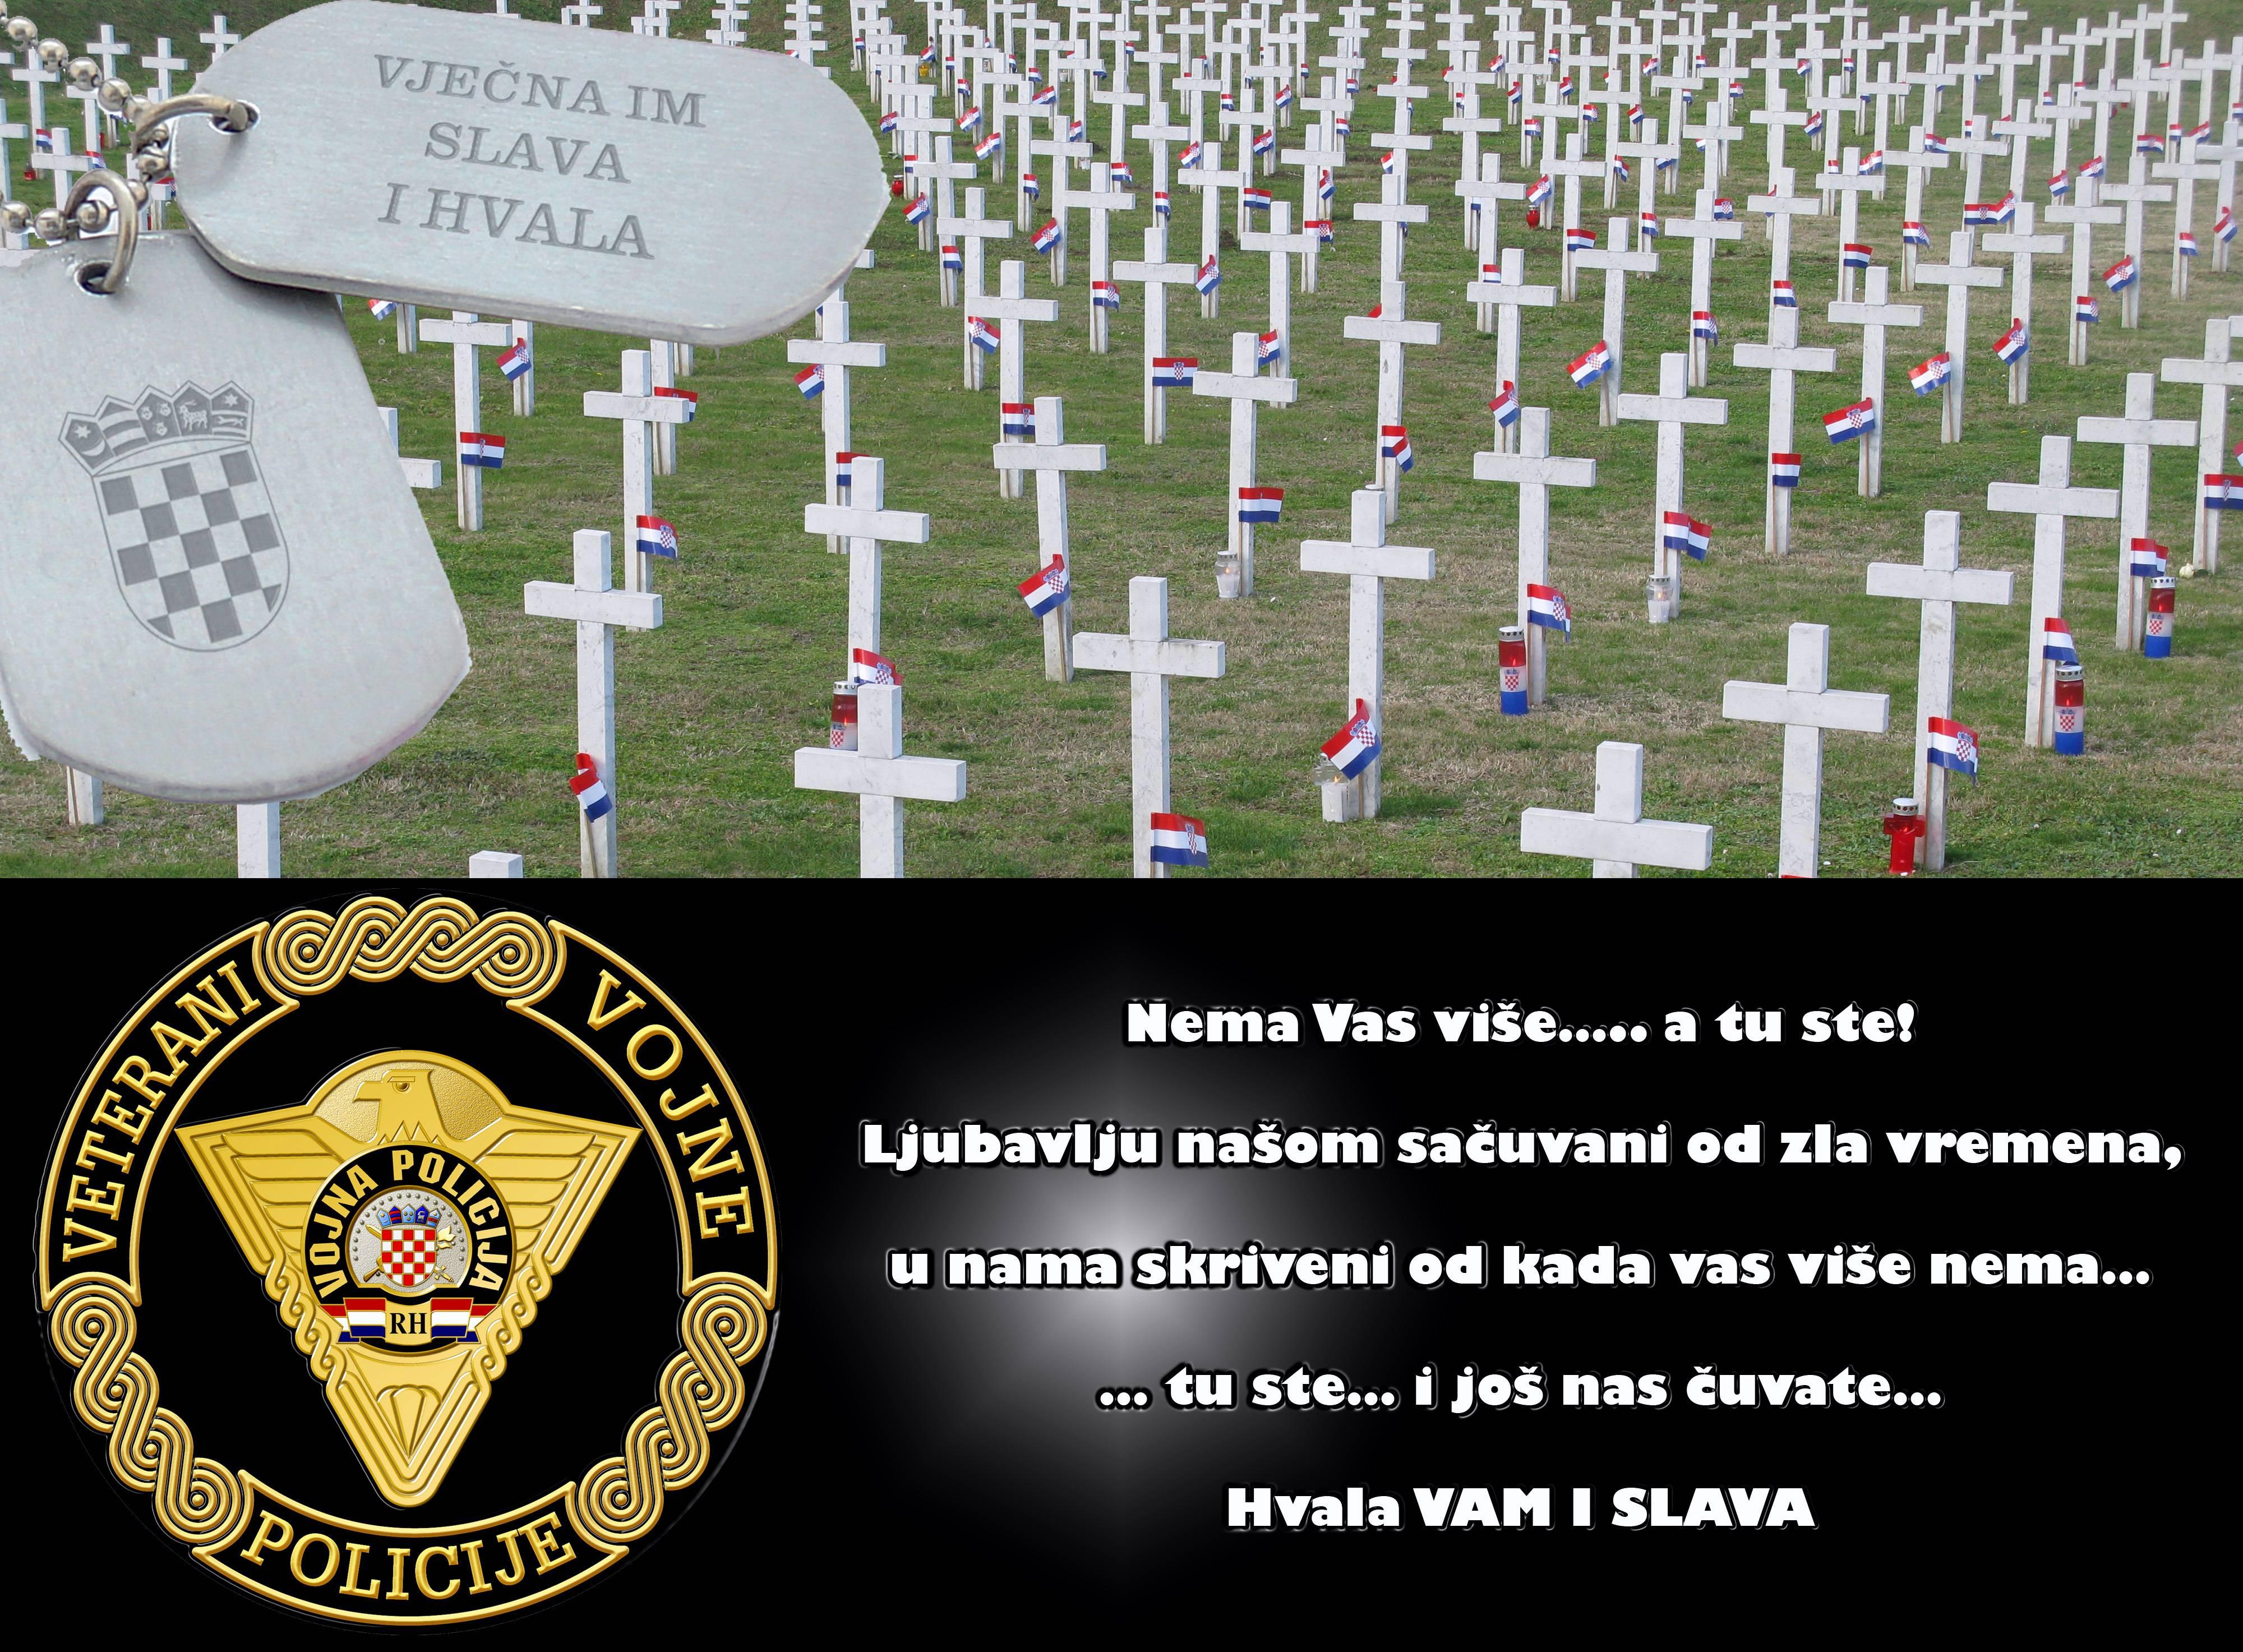 Sjecanje sponosom na pripadnike VP poginule u Domovinskom ratu 2